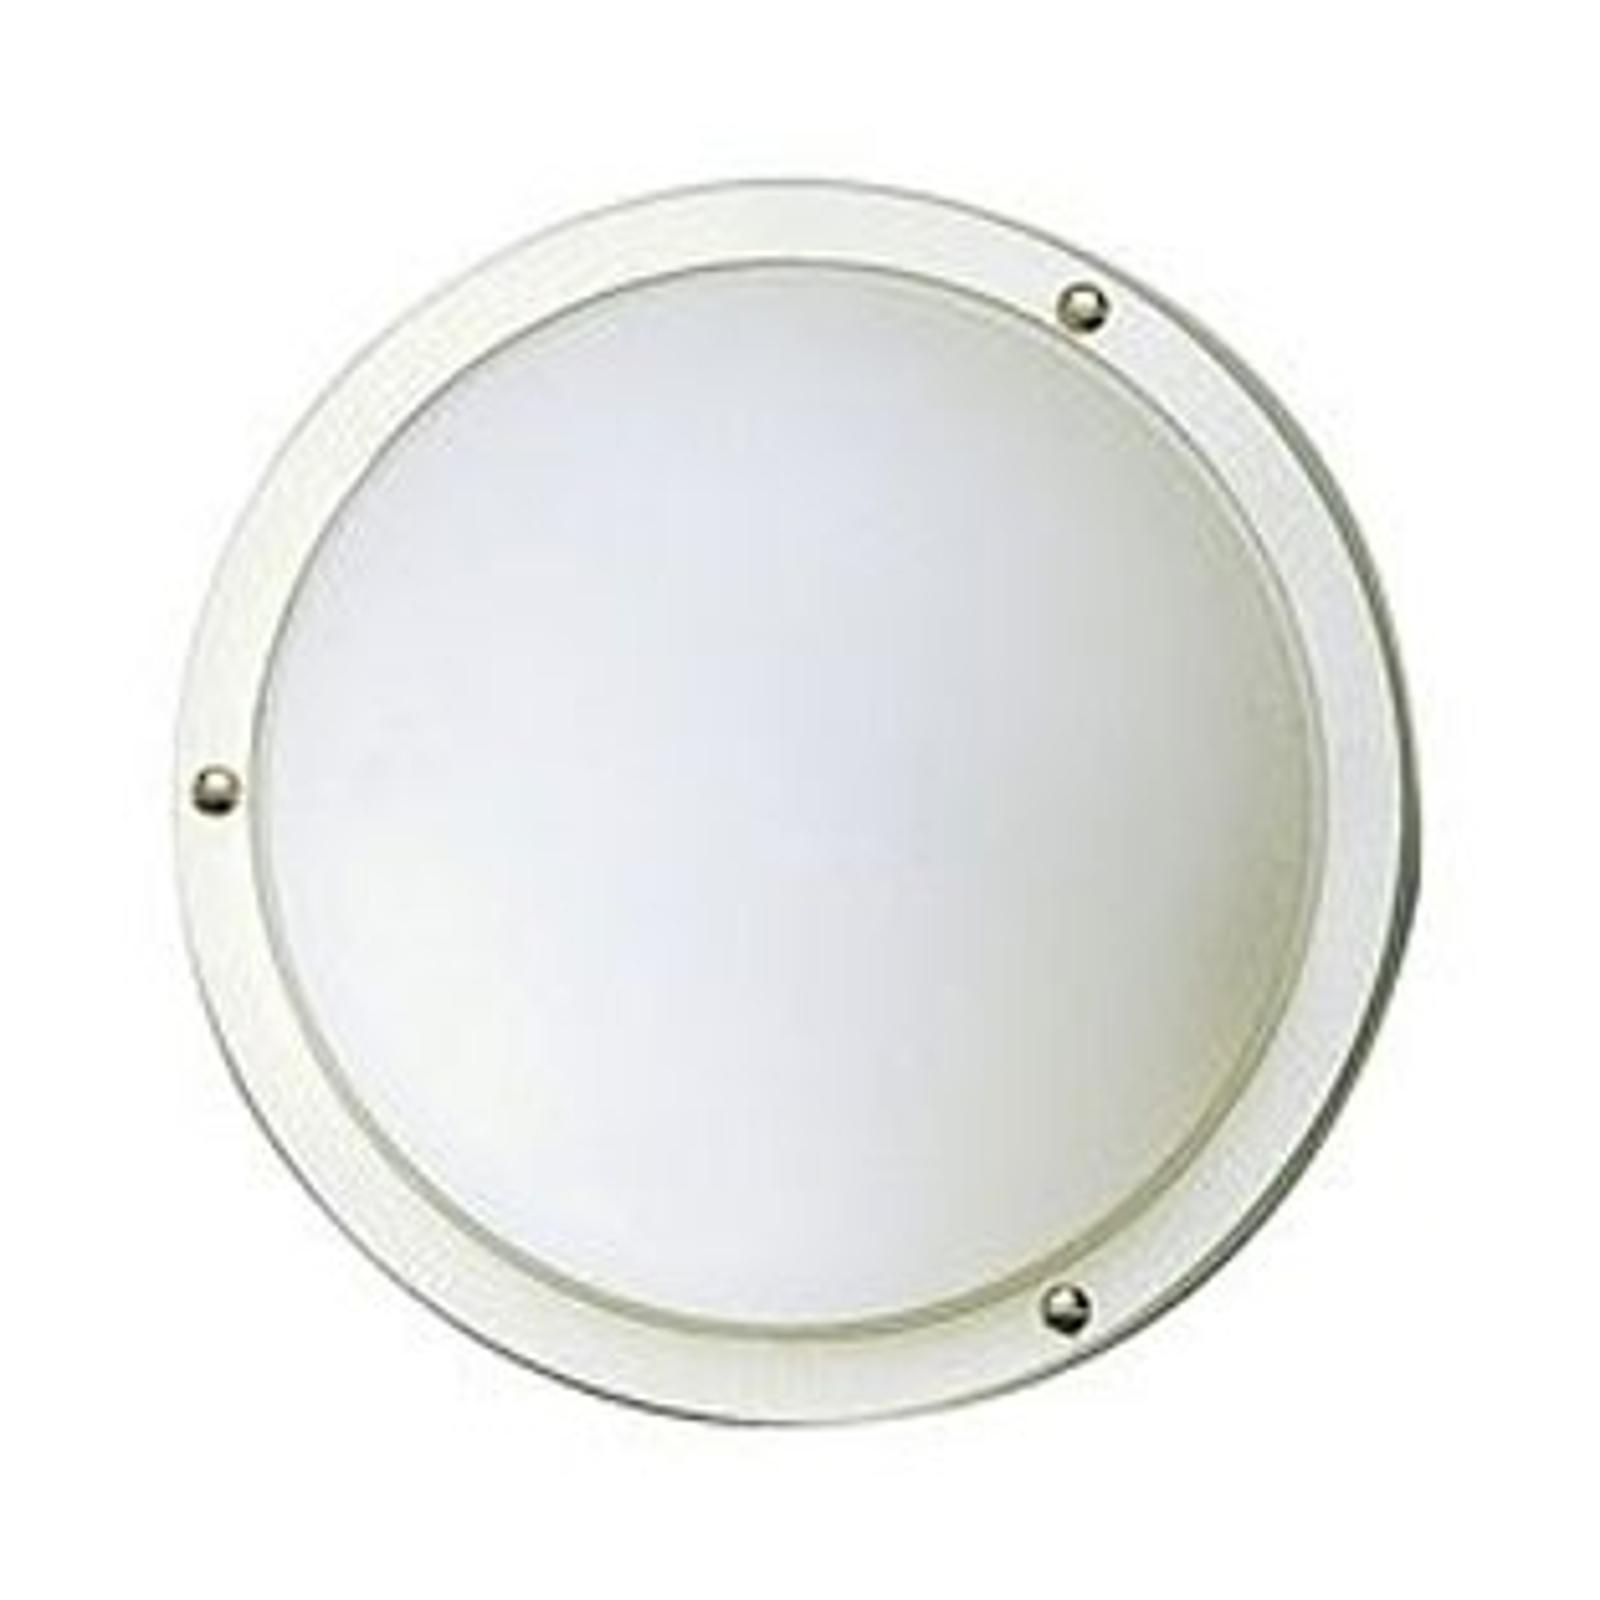 Zewnętrzna lampa sufitowa - ścienna 297 W E27